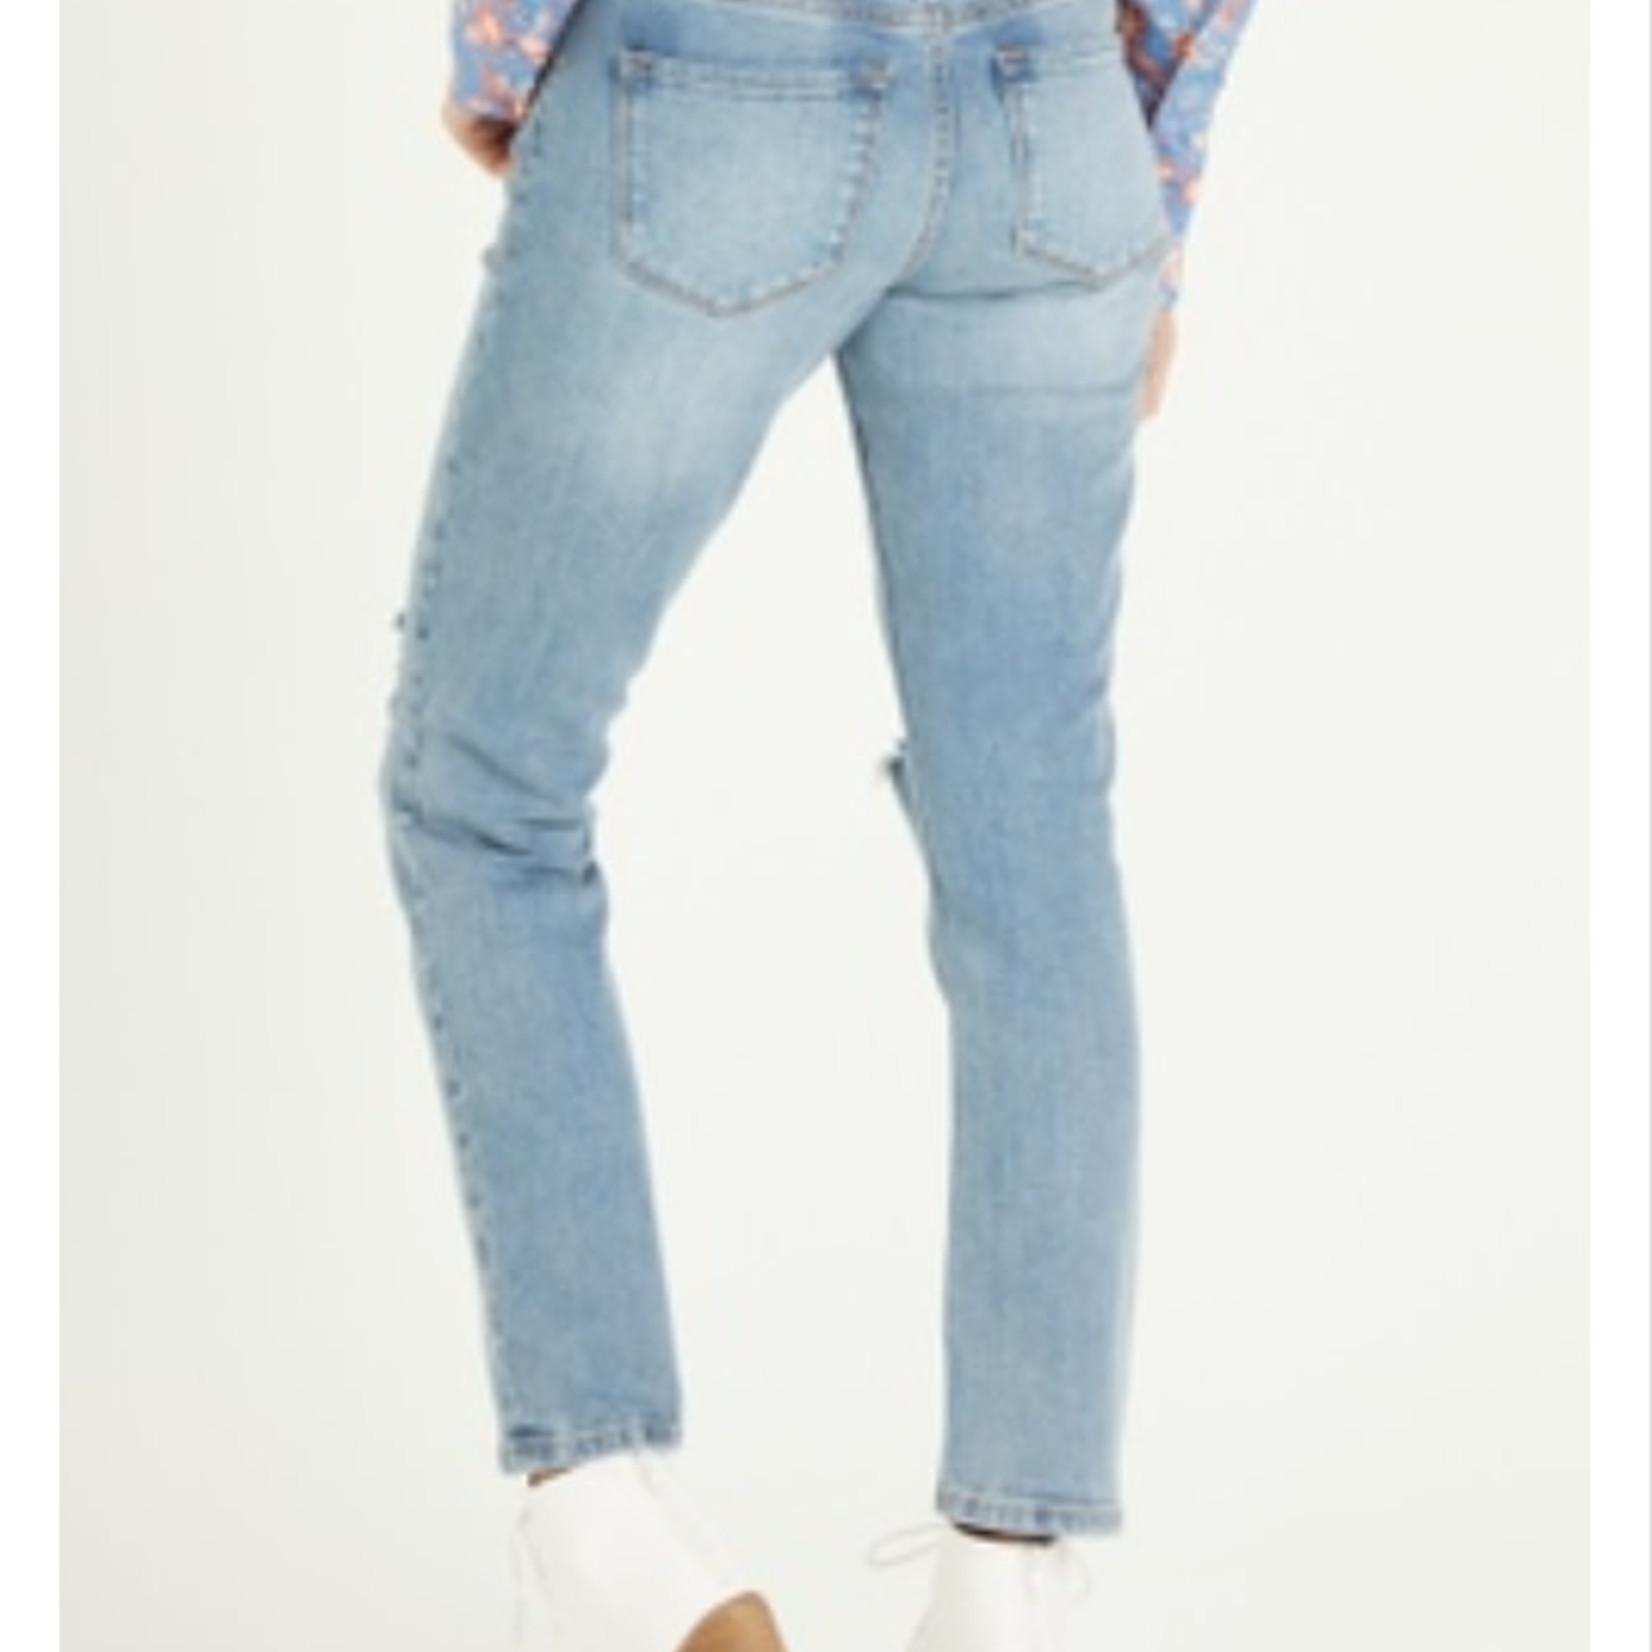 Dear John Dear John Traveler Jeans